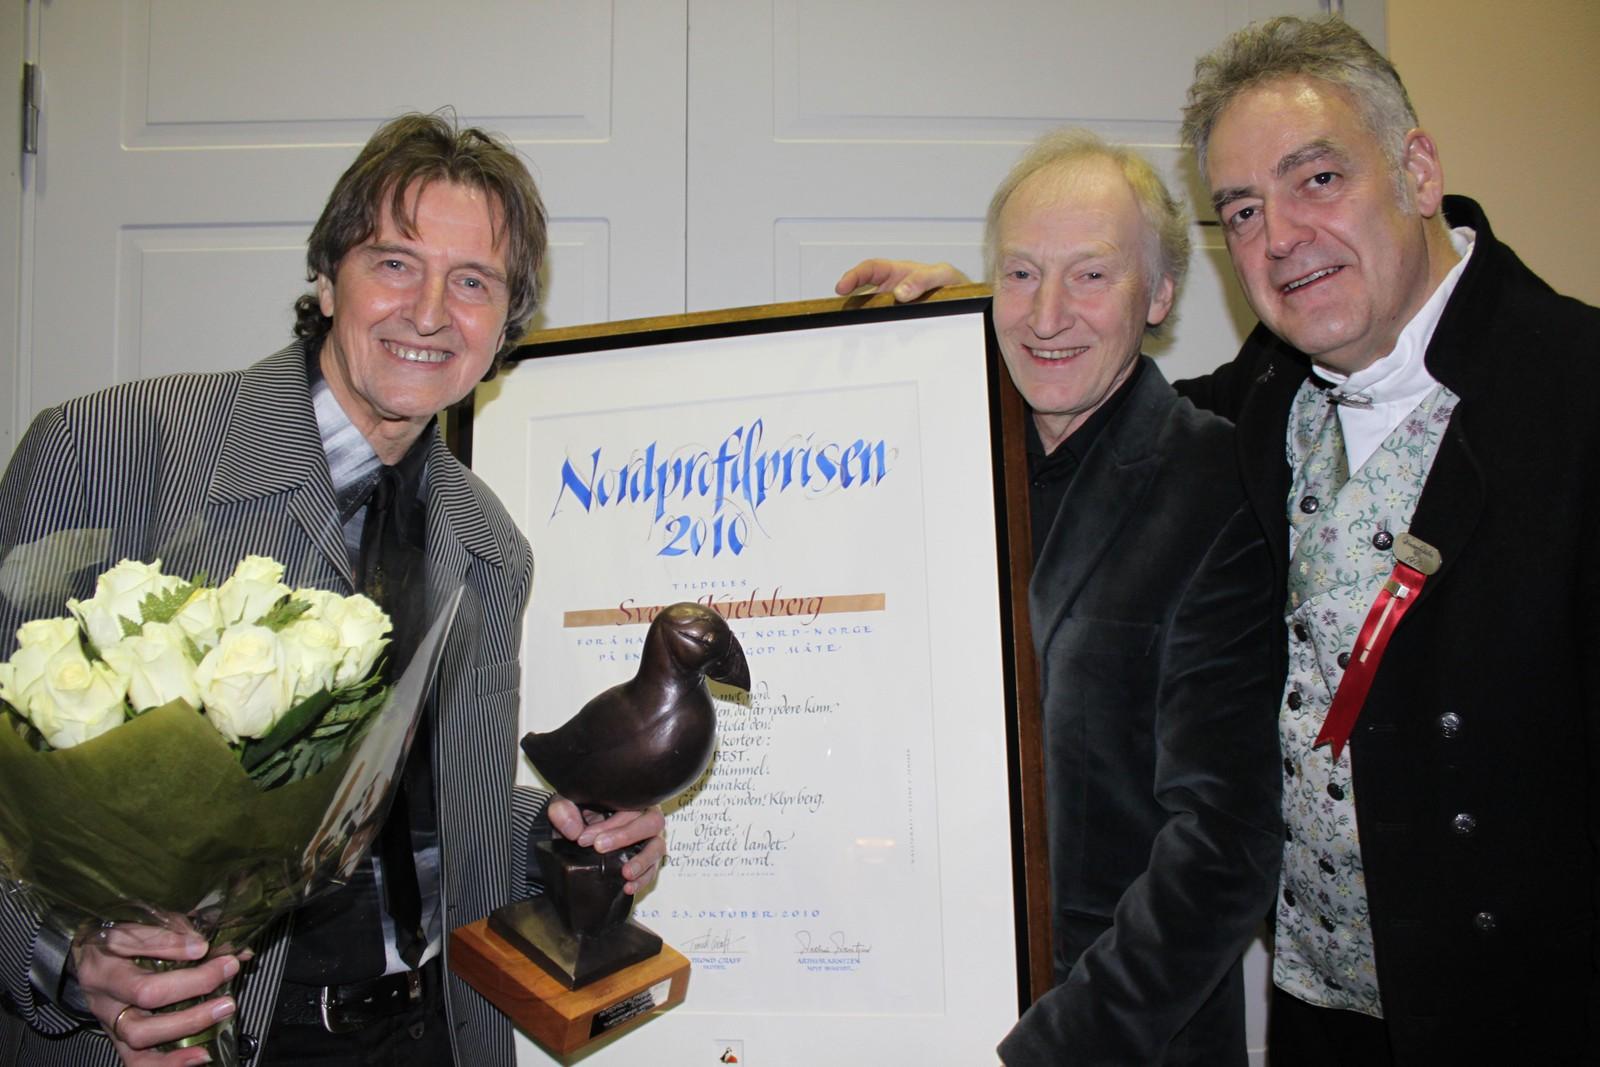 Trond Graff overrekker Nordprofilprosen for 2010 til Sverre Kjelsberg